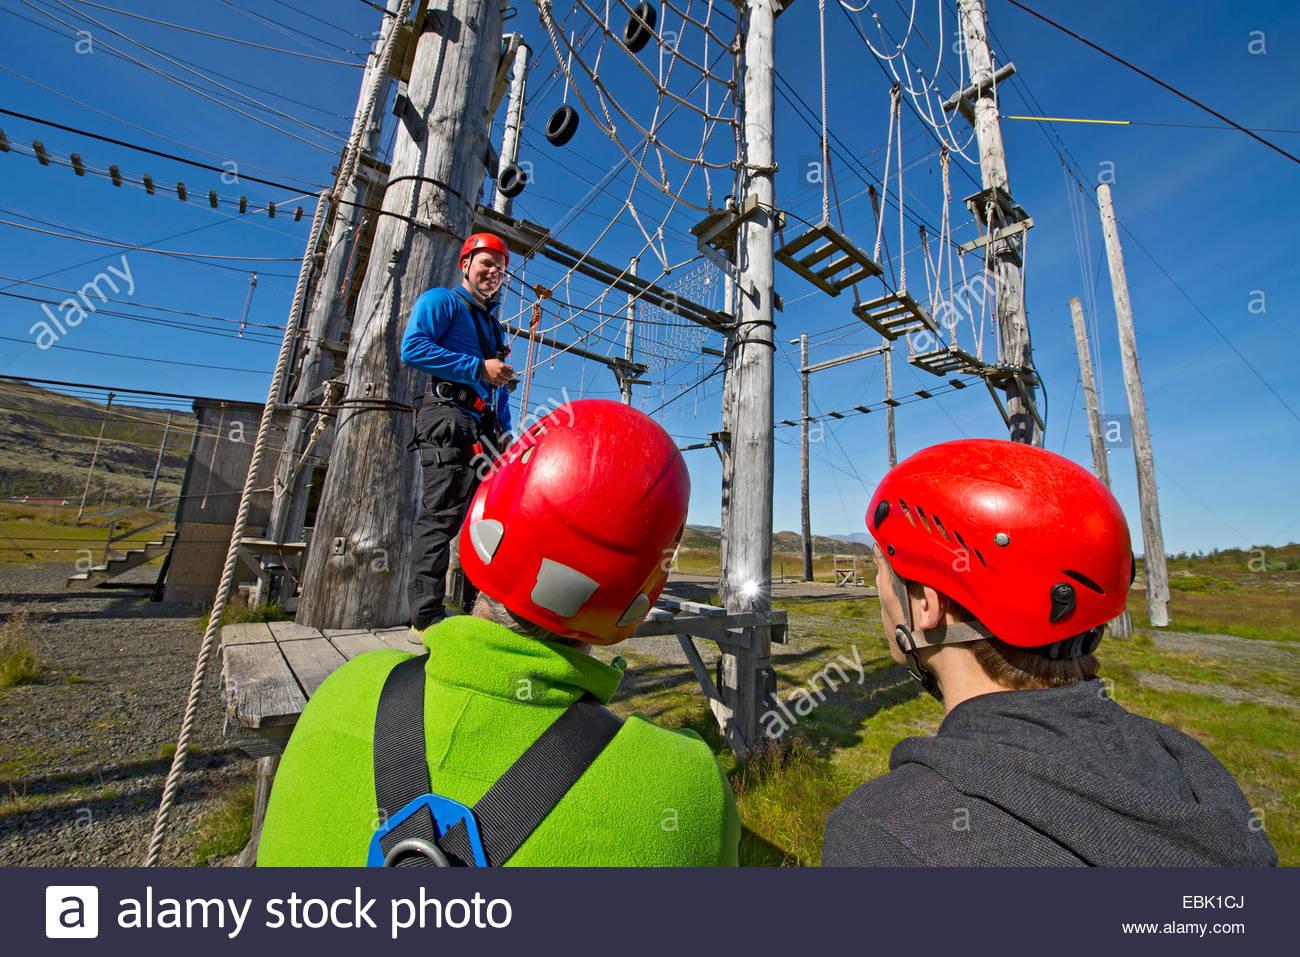 Tres personas portando cascos para escalada en High Rope Course Imagen De Stock